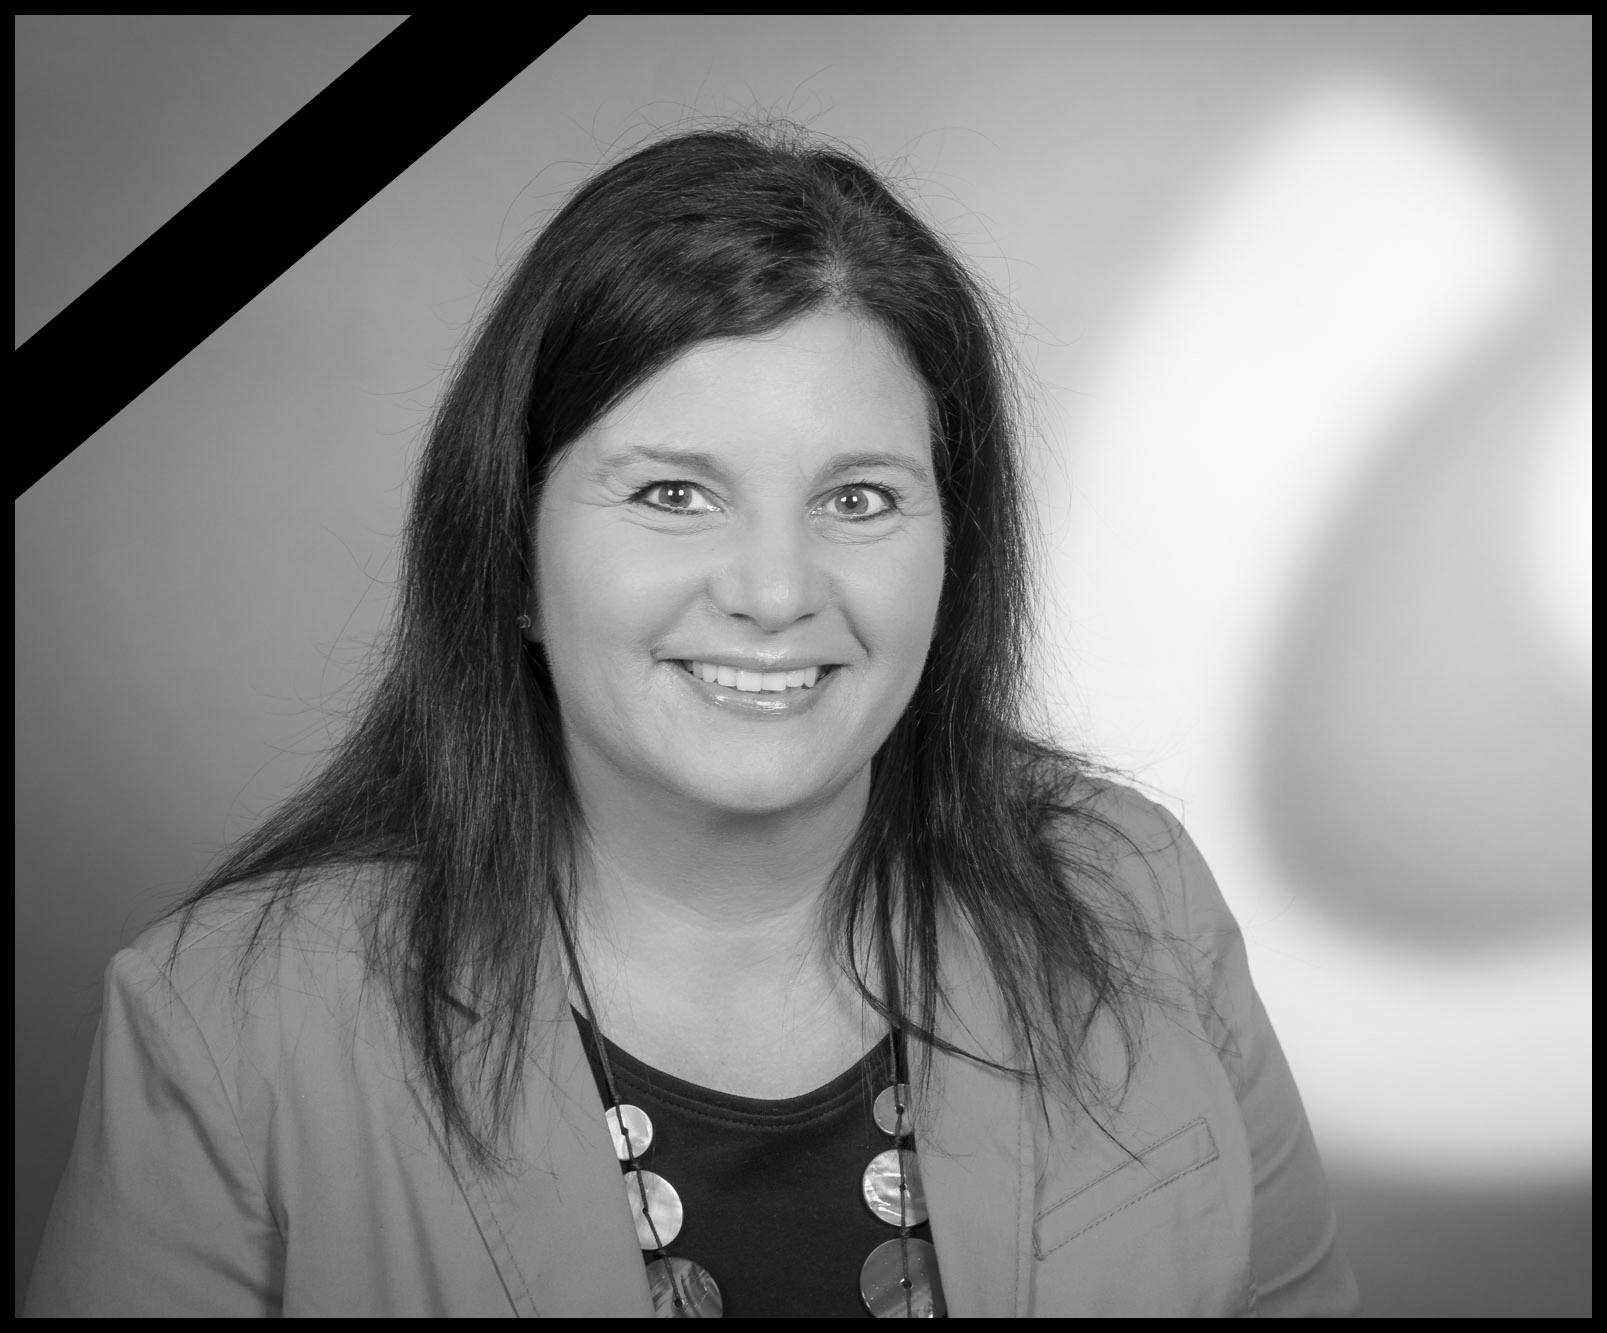 Wir trauern um Antonia Huber